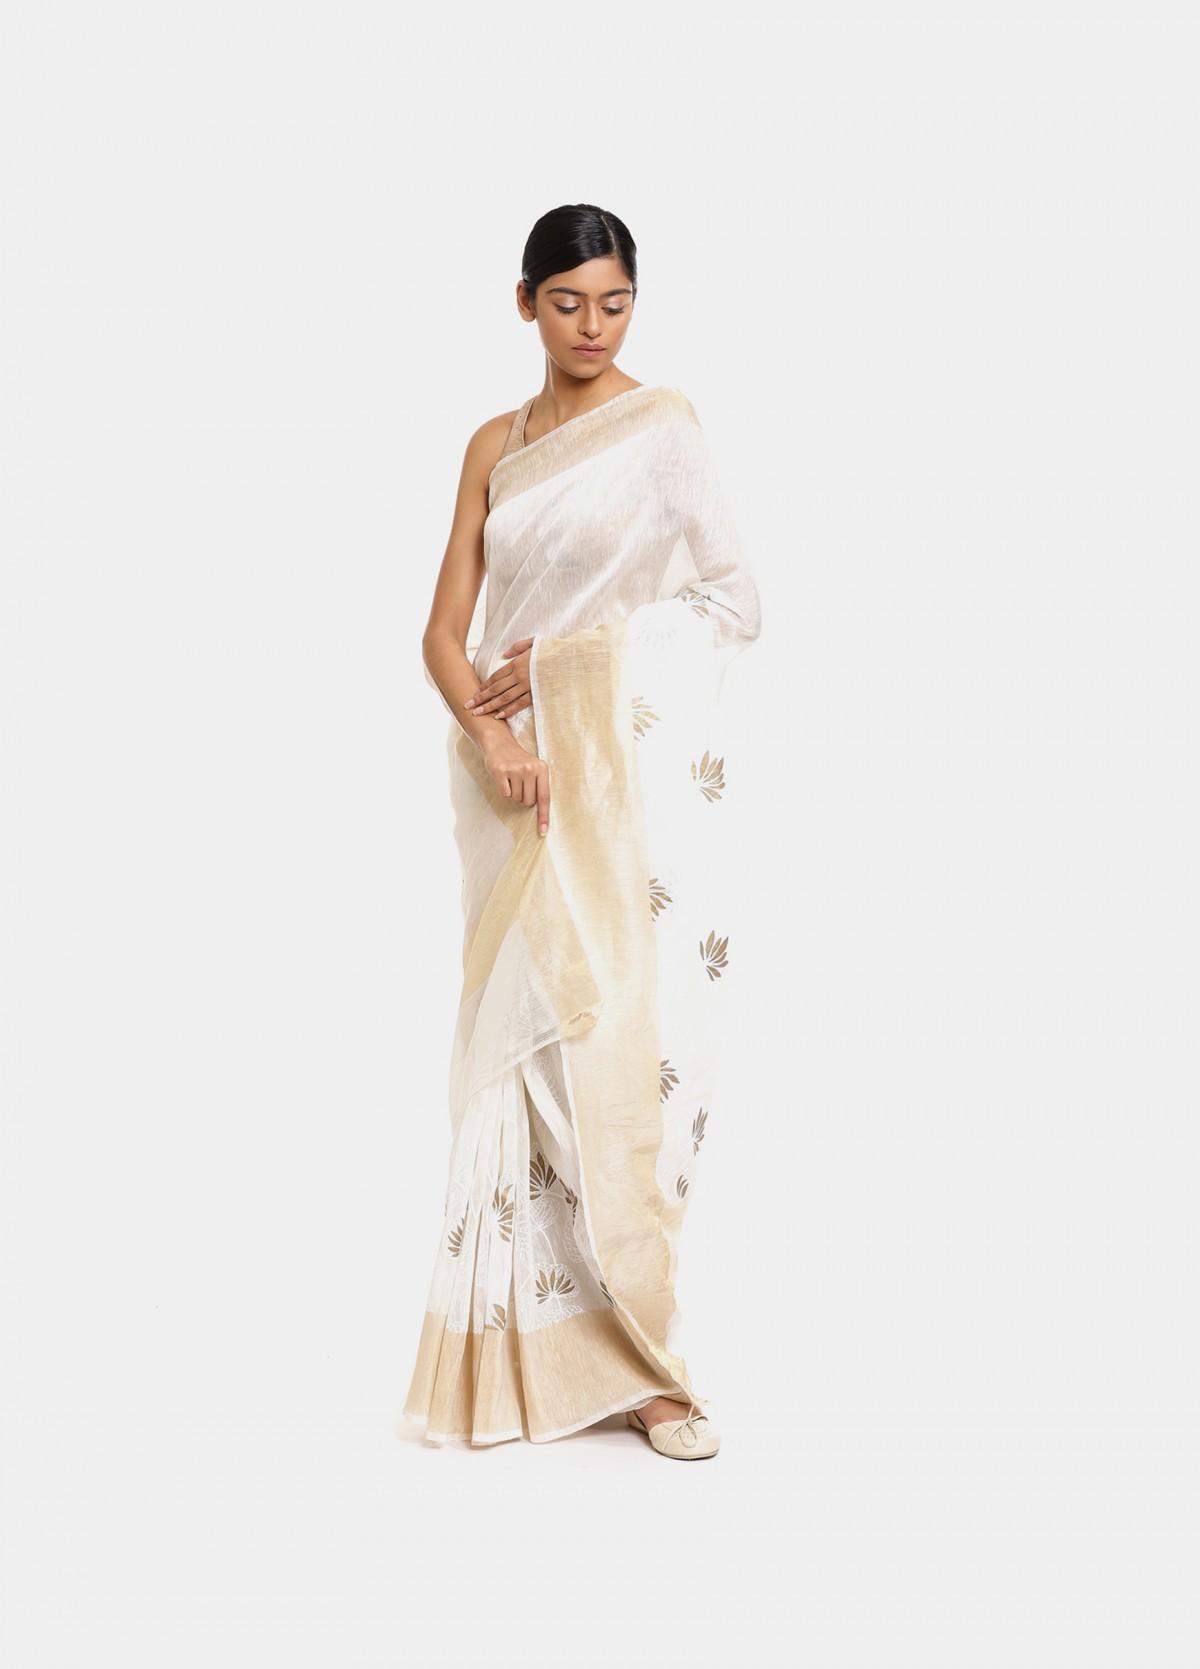 The Lakhsmi Sari